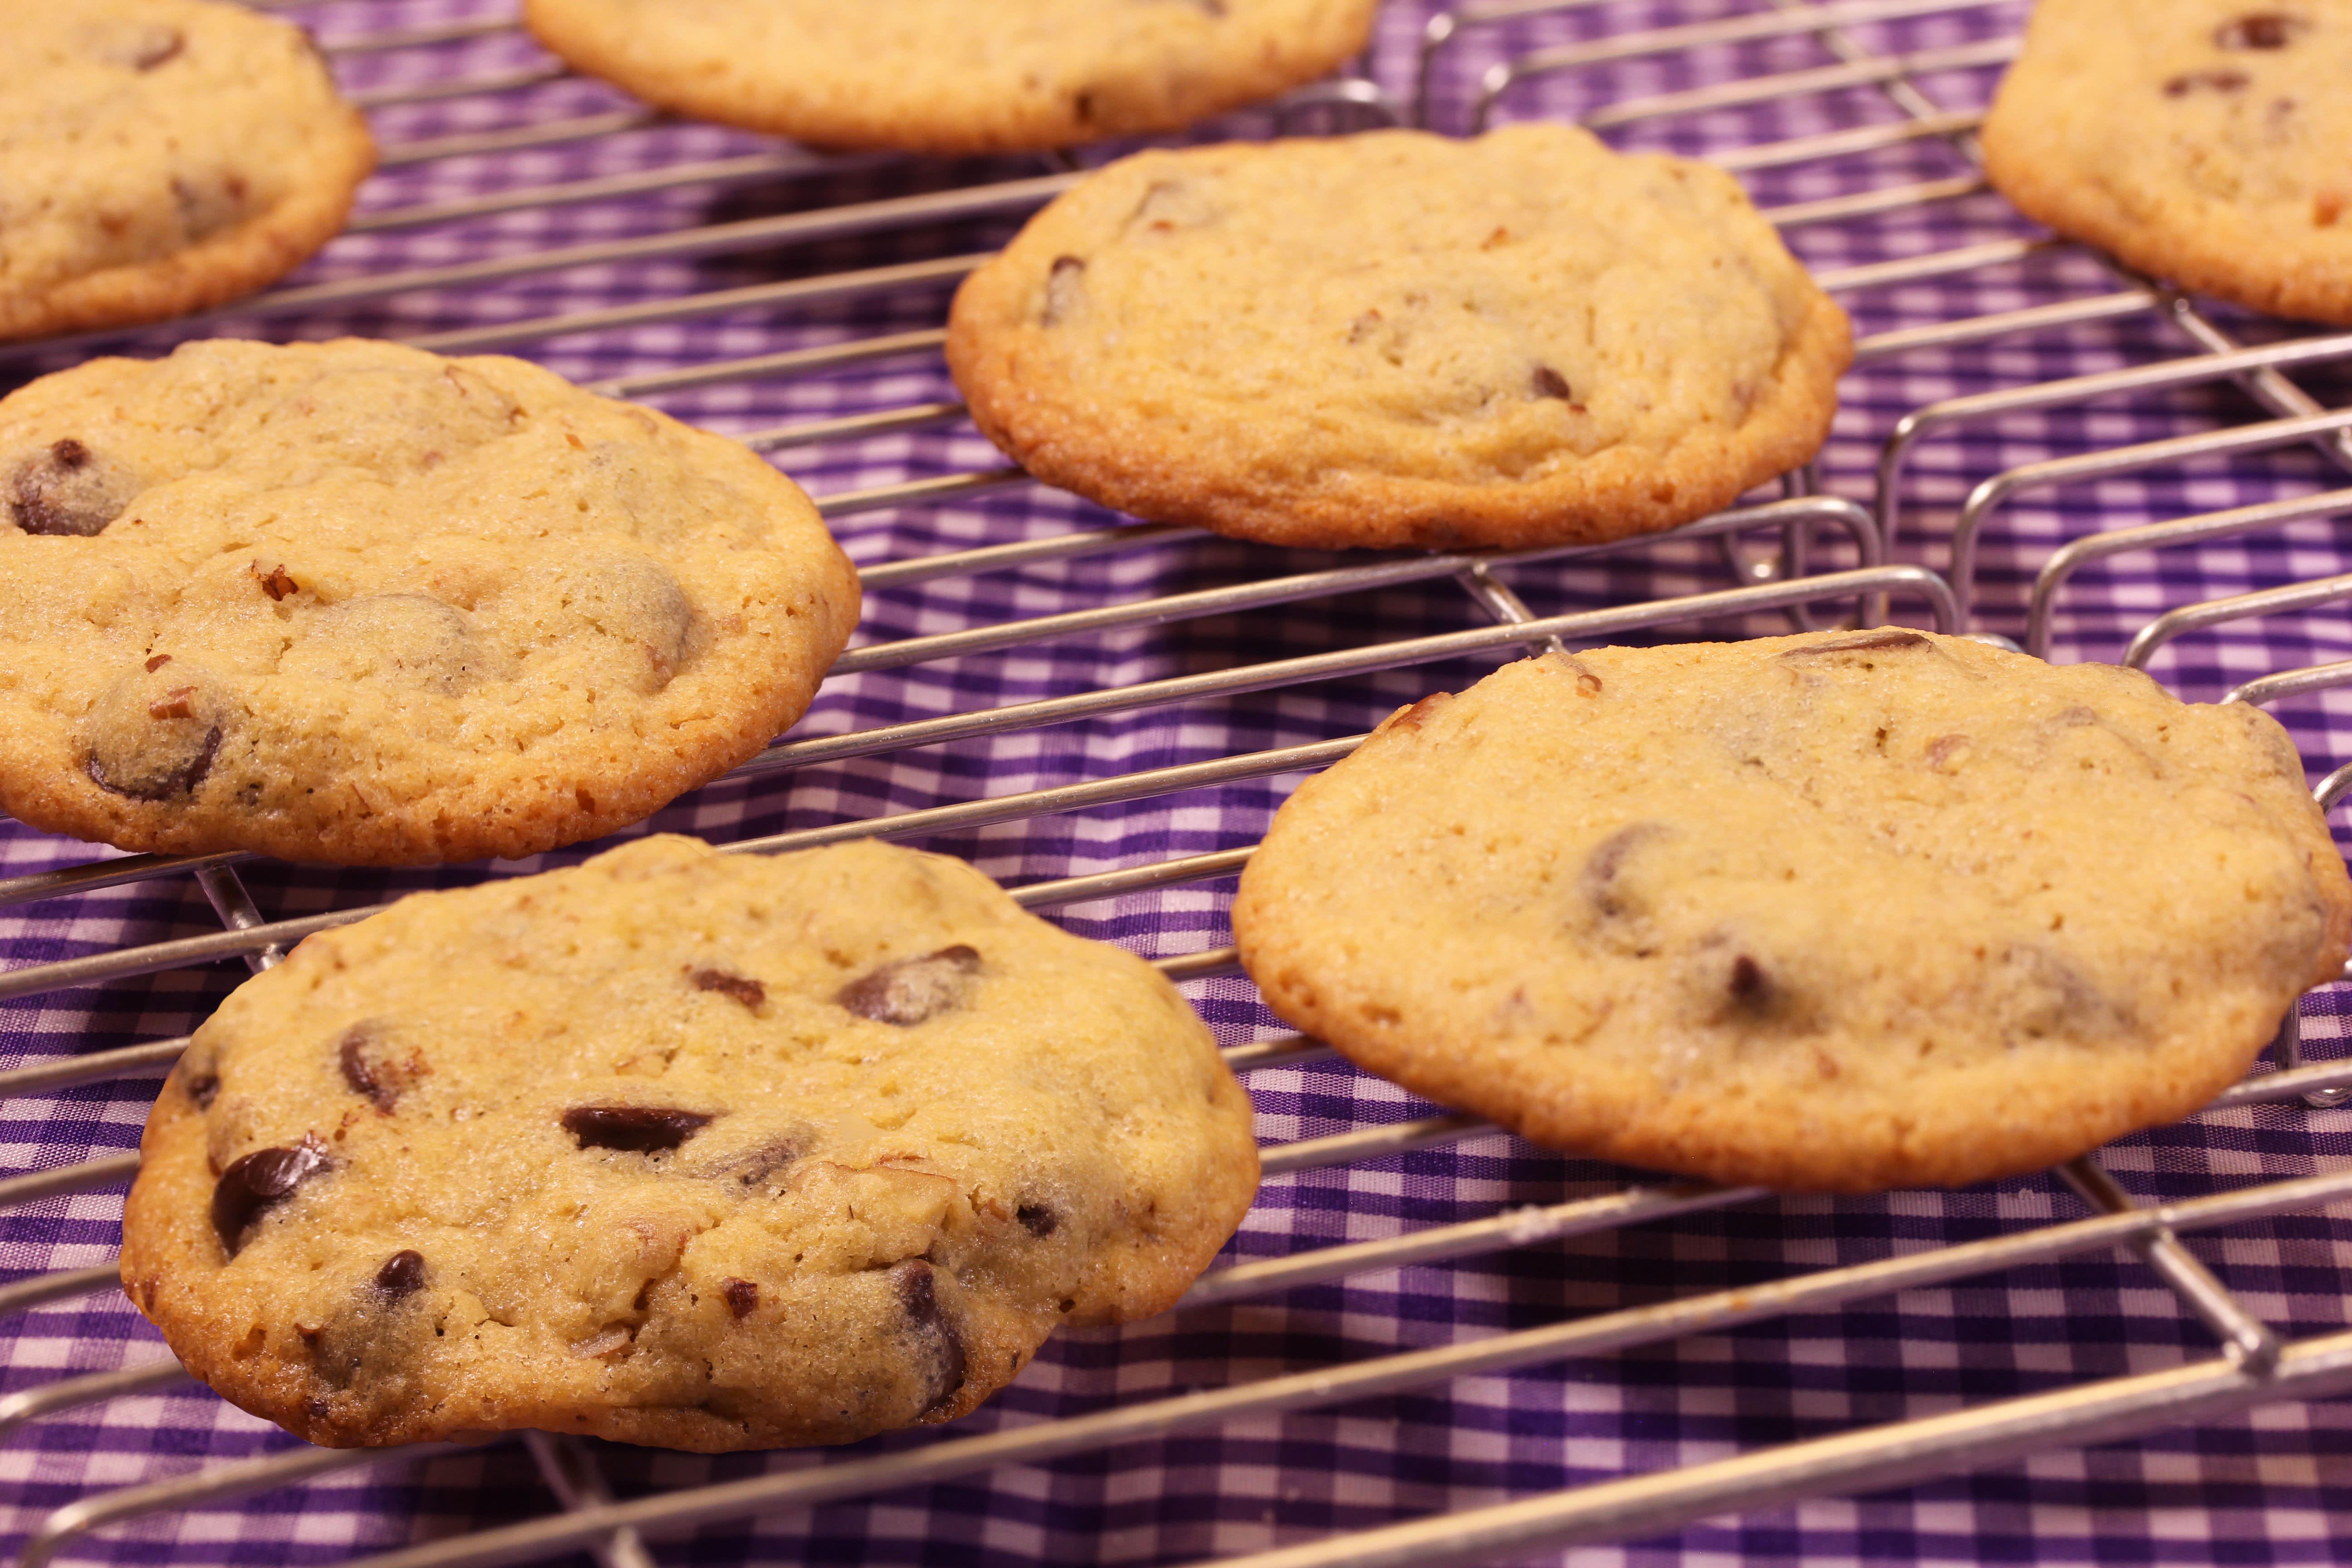 Receta para pteparar galletas de chocochips y nuez